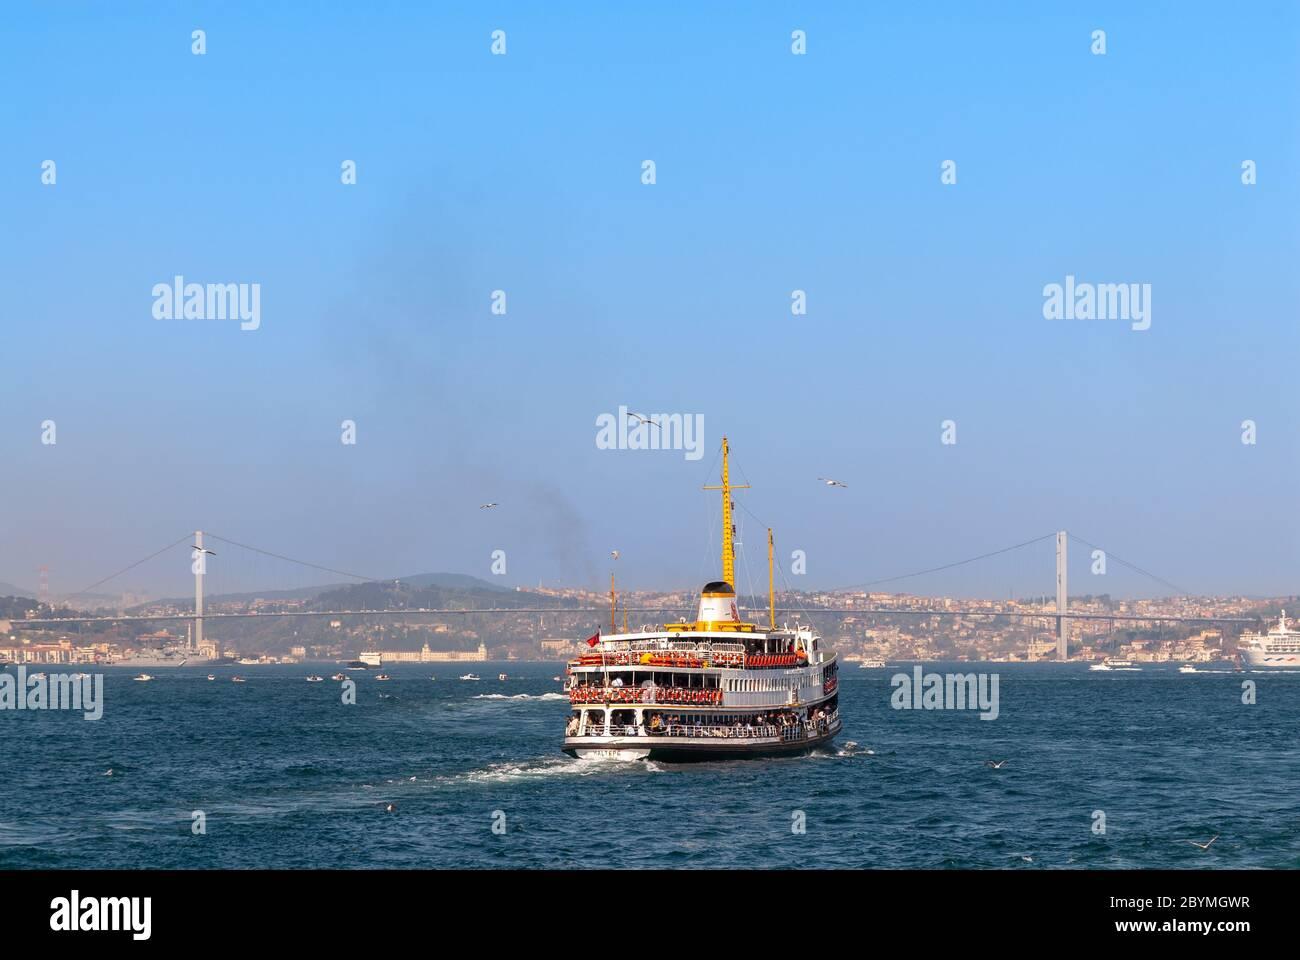 La traversée en ferry de la rive asiatique du Bosphore, Istanbul Turquie Banque D'Images